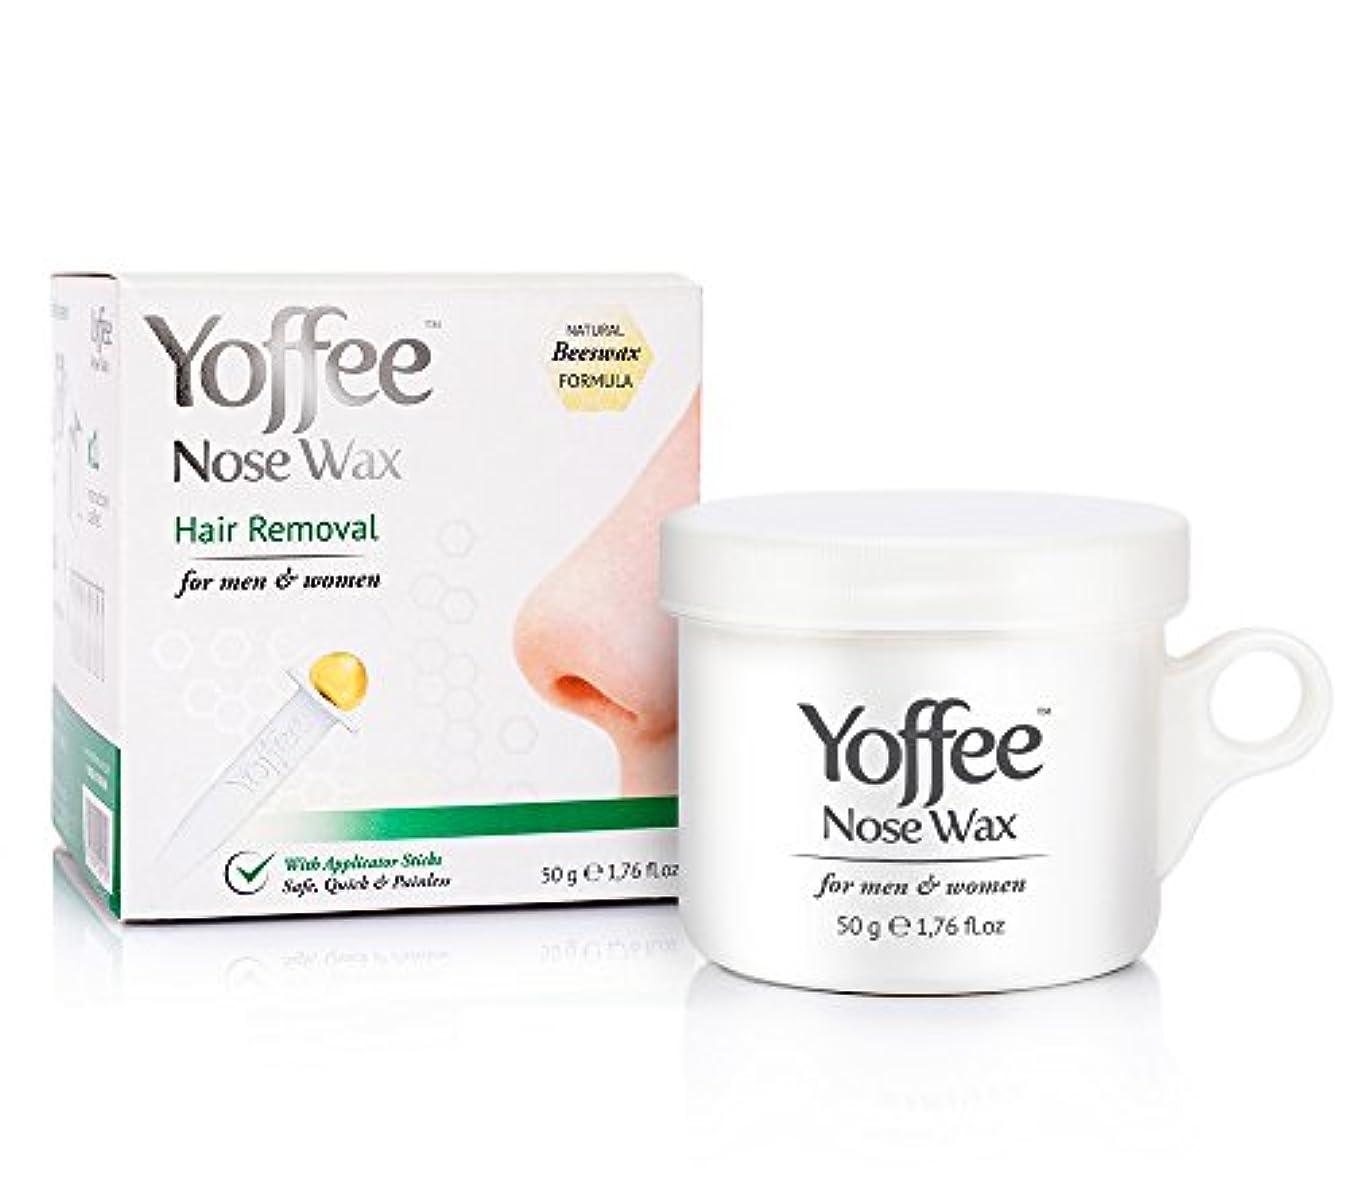 コーラスポイントブラウンヨーフィ (Yoffee) ノーズ ヘア リムーバル 鼻毛 脱毛 ビーズ ワックス